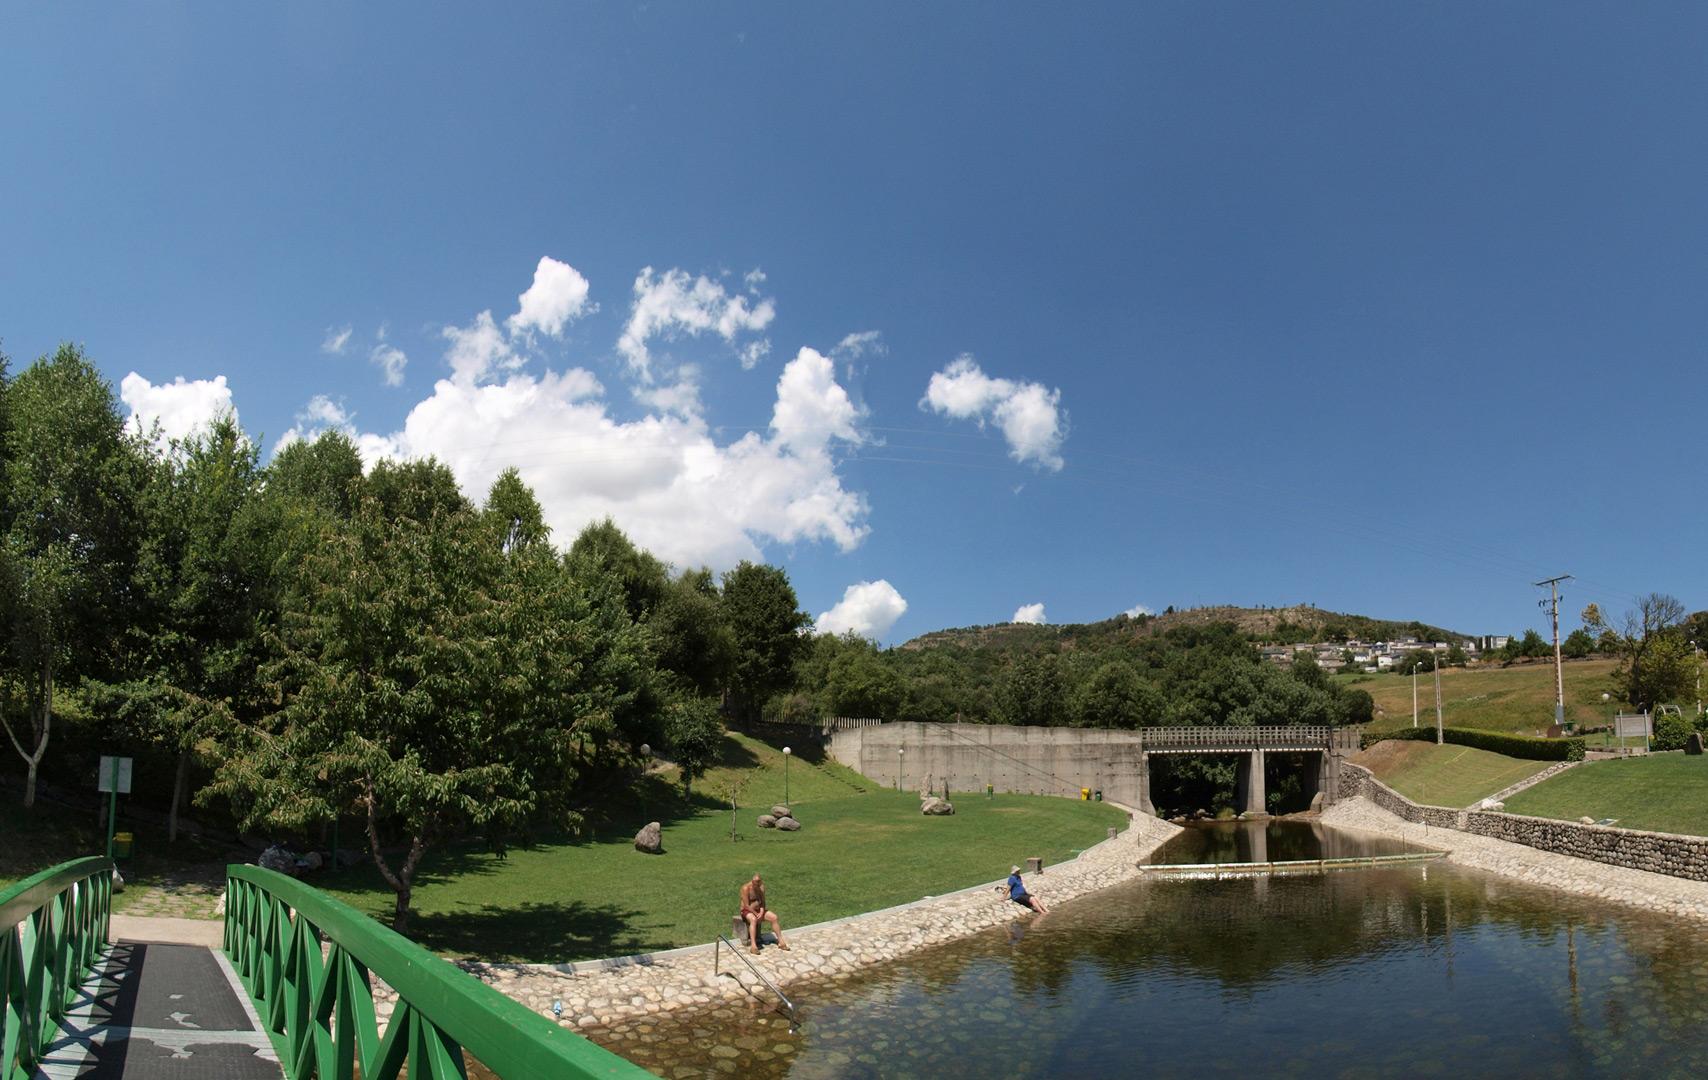 Piscina fluvial de vilari o do conso david eva for Piscinas fluviales leon